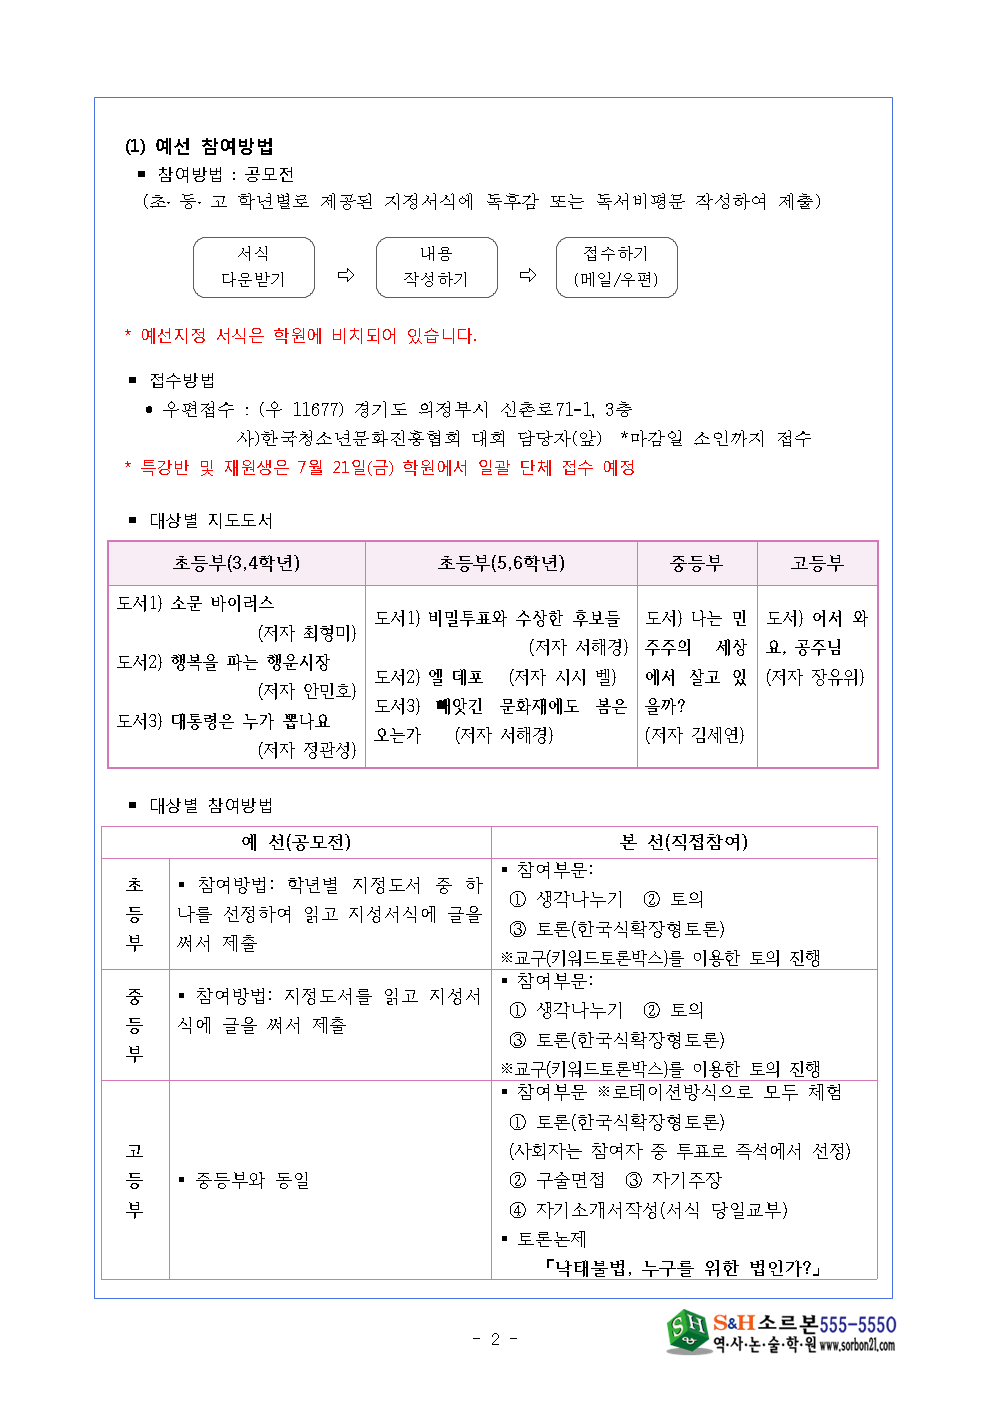 제15회전국청소년토론대회안내문(수정)002.png